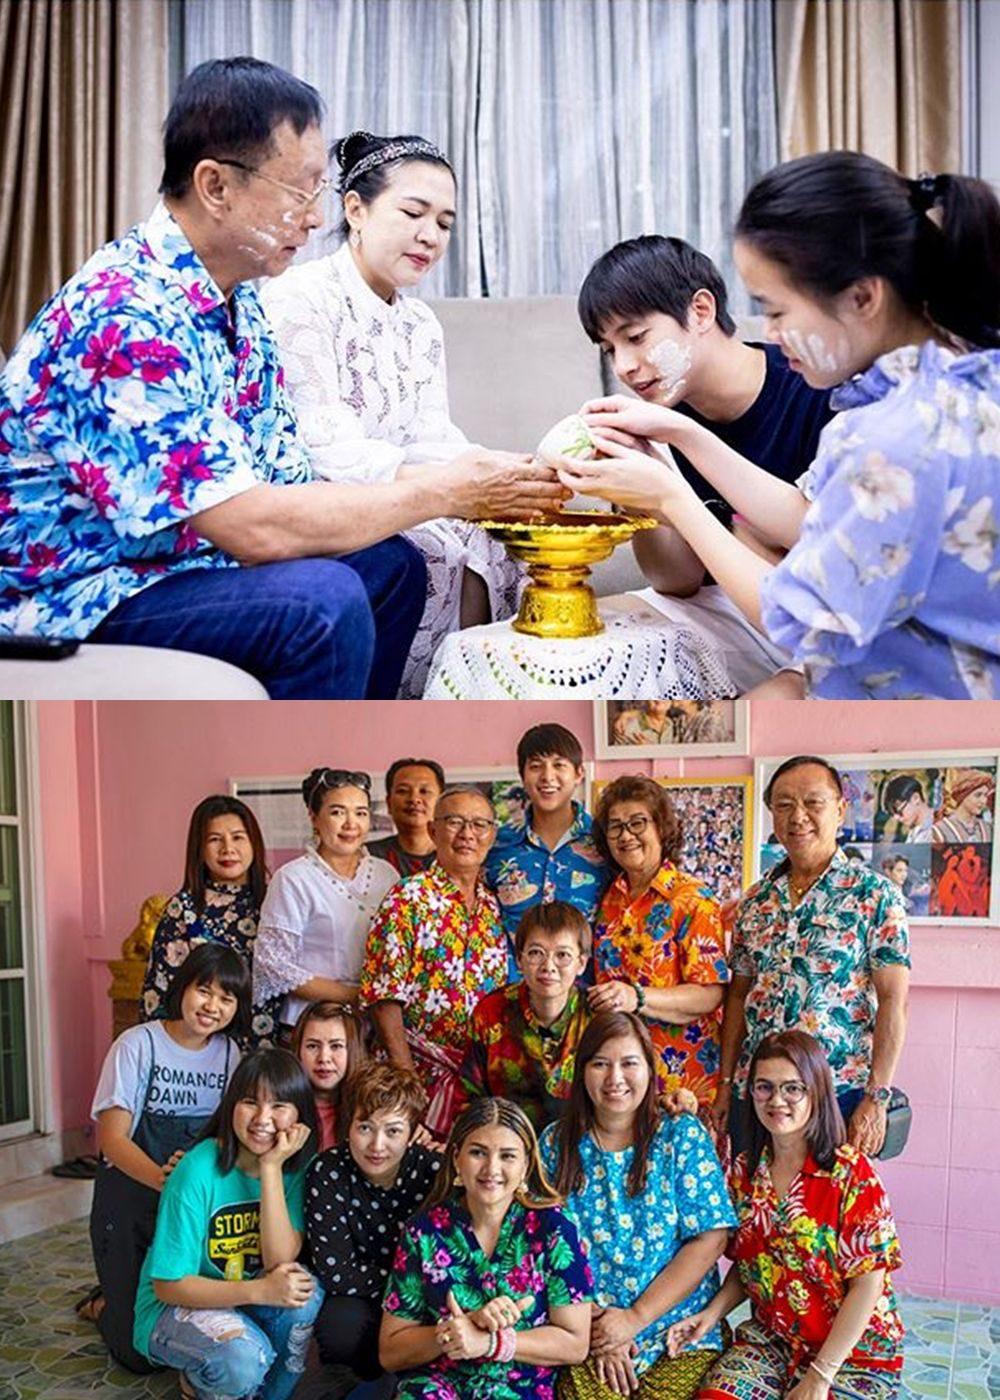 เจมส์ จิรายุ อยู่กับครอบครัว